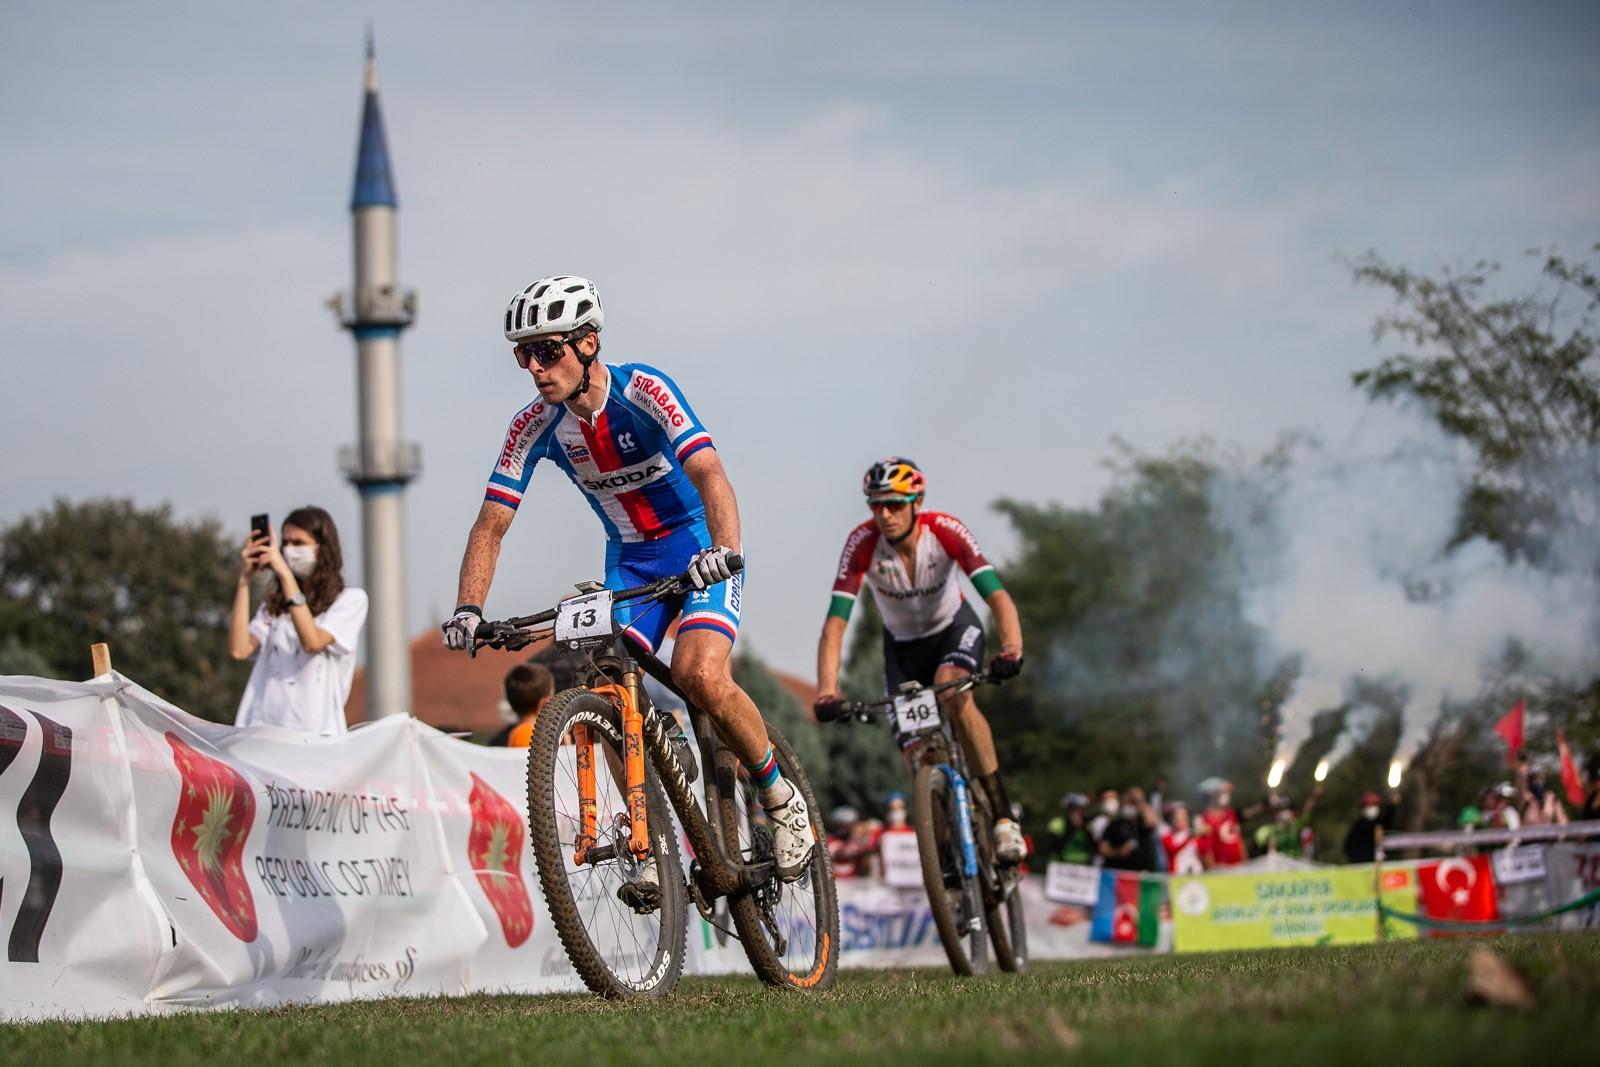 Martin Stošek na trati mistrovství světa v maratonu v Turecku. Foto: Michal Červený